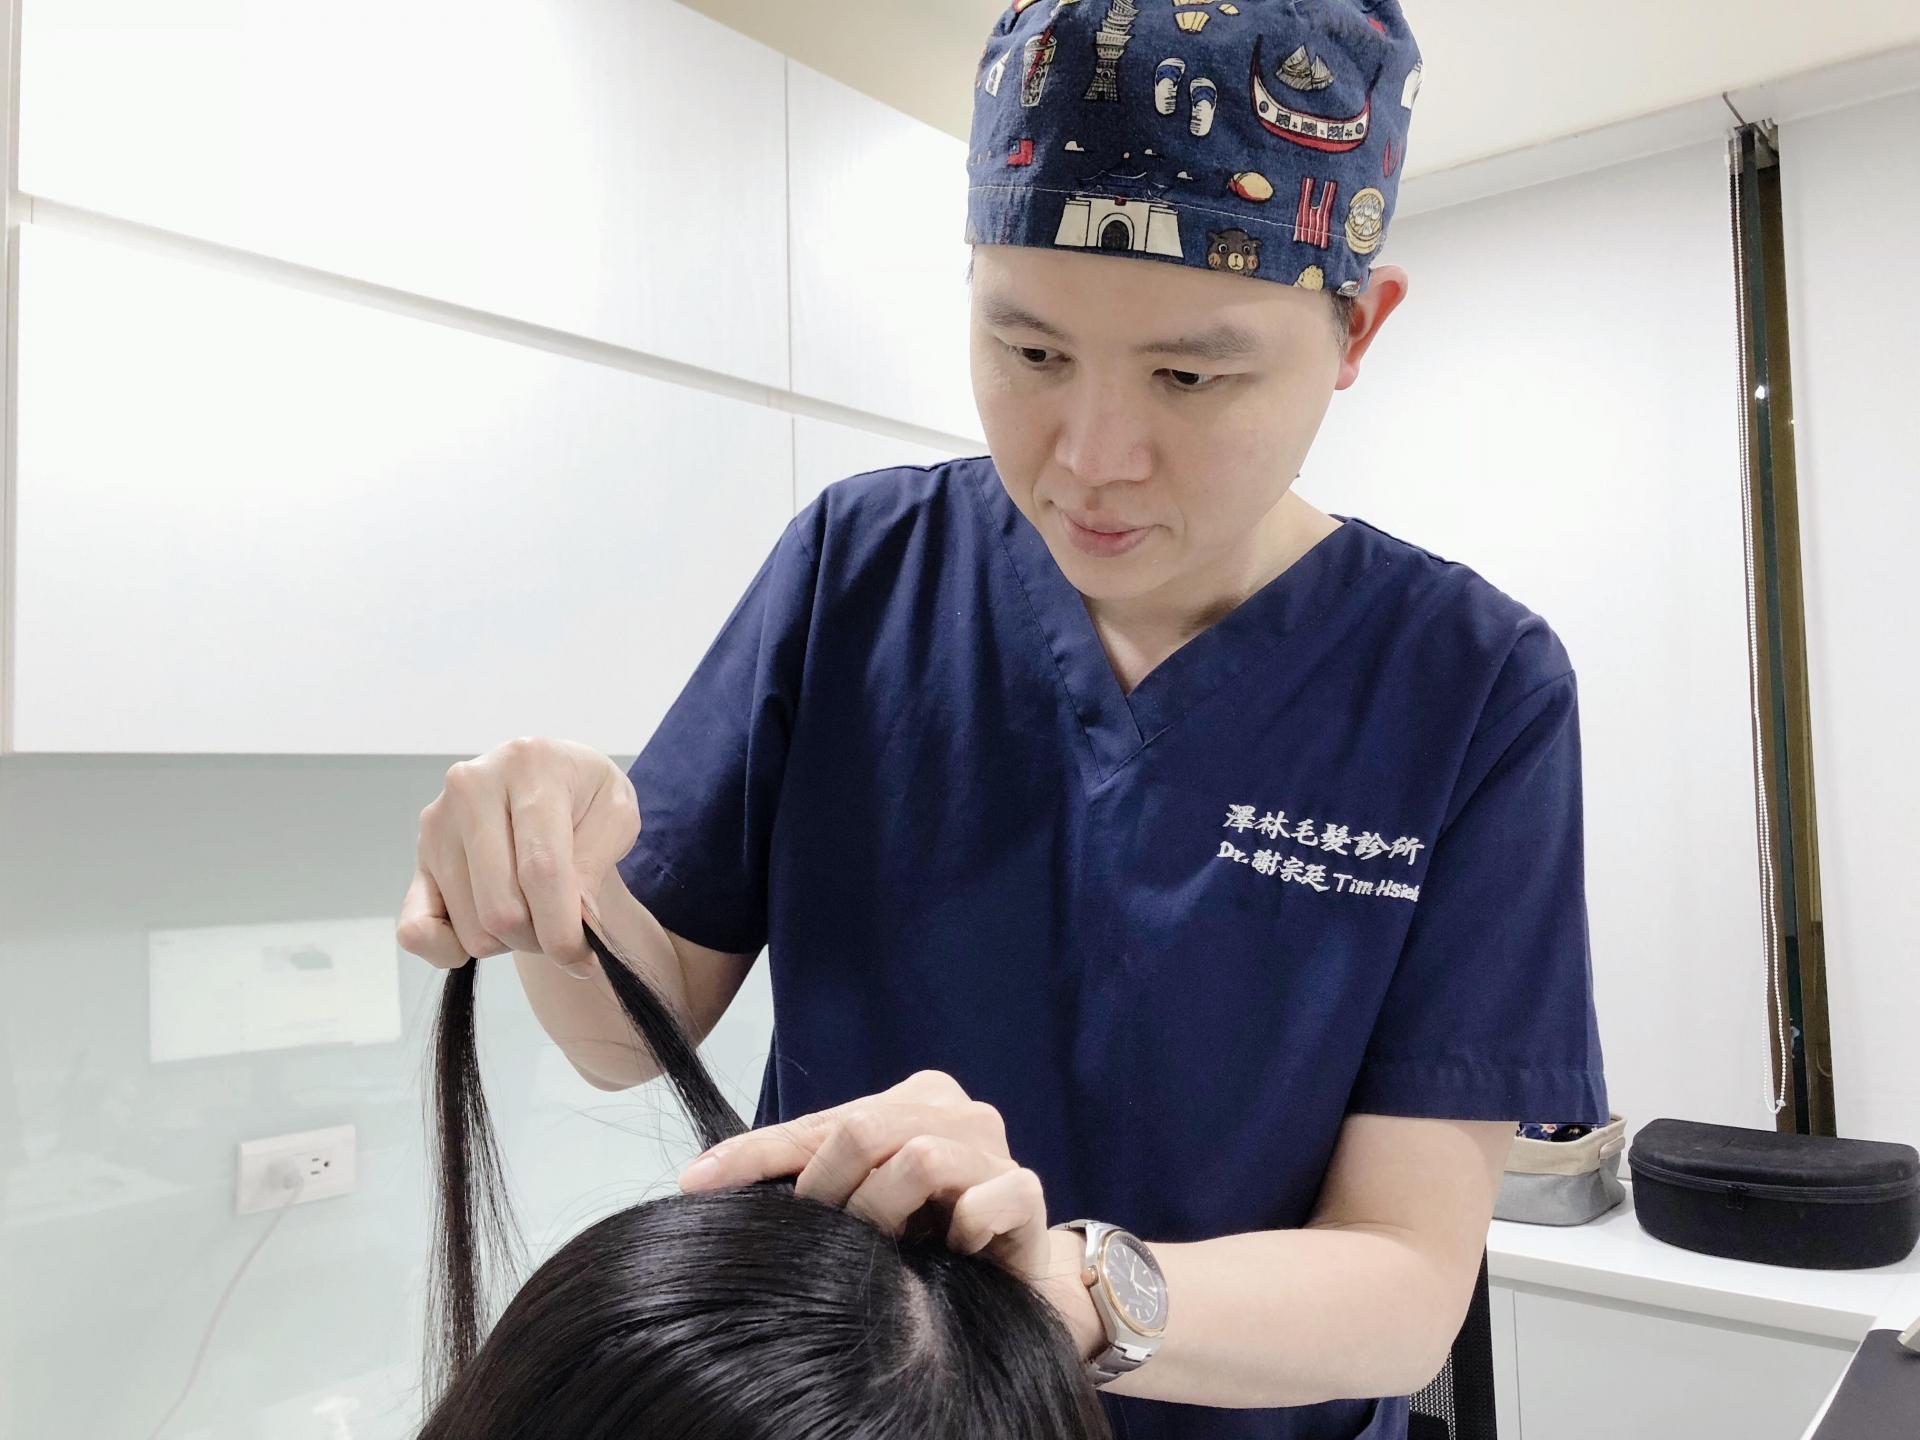 掉髮拉扯測試-謝宗廷醫師皮膚科門診